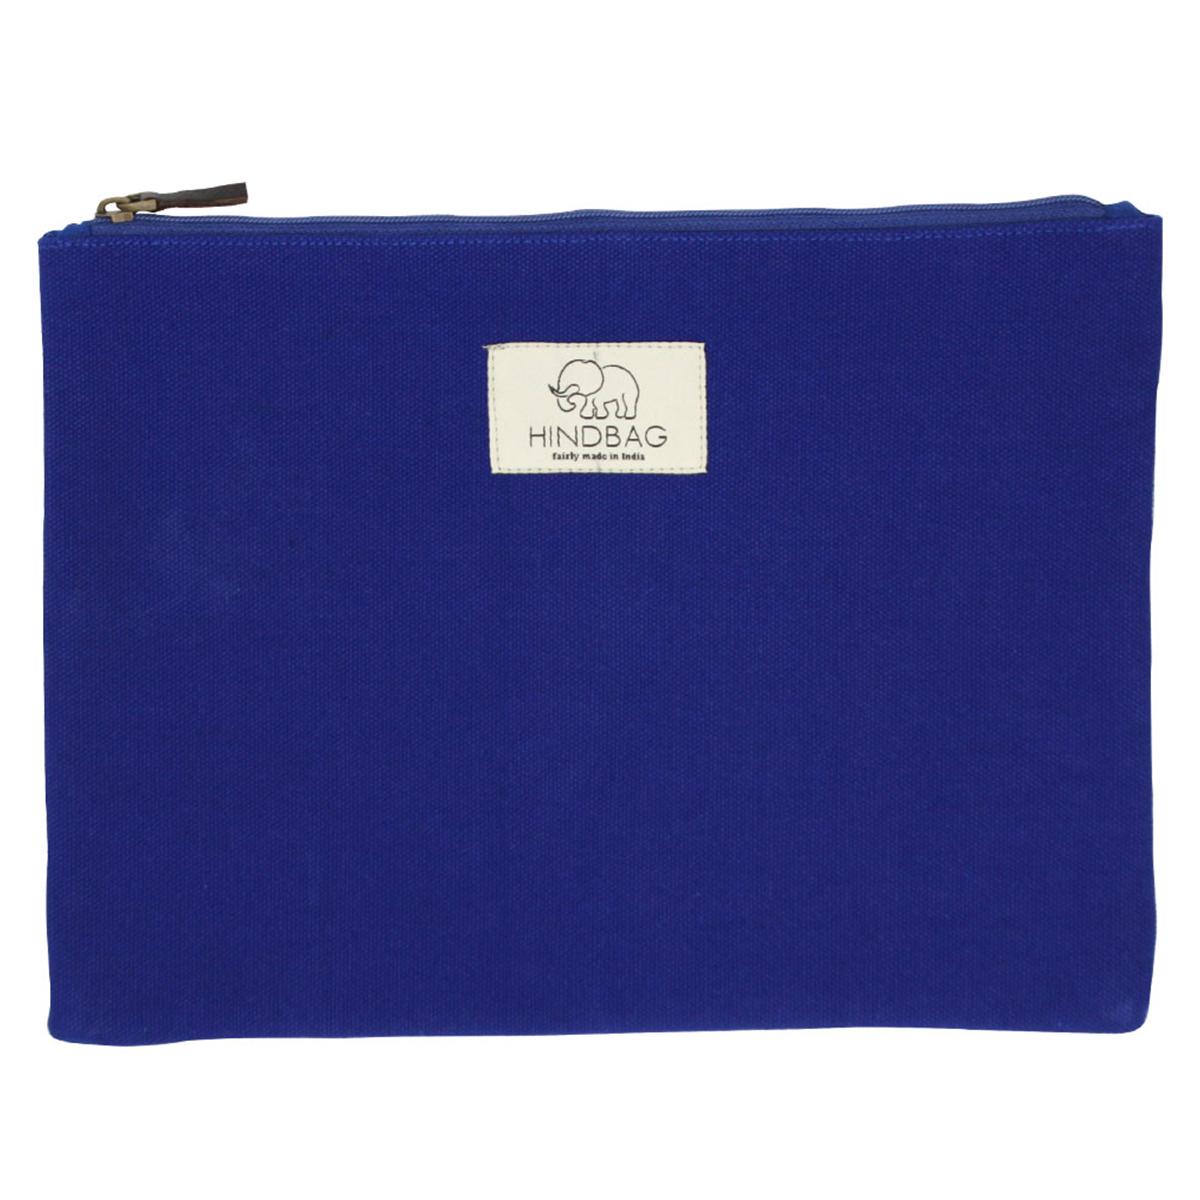 Trousse Pochette Ema - Bleu Pochette Ema - Bleu